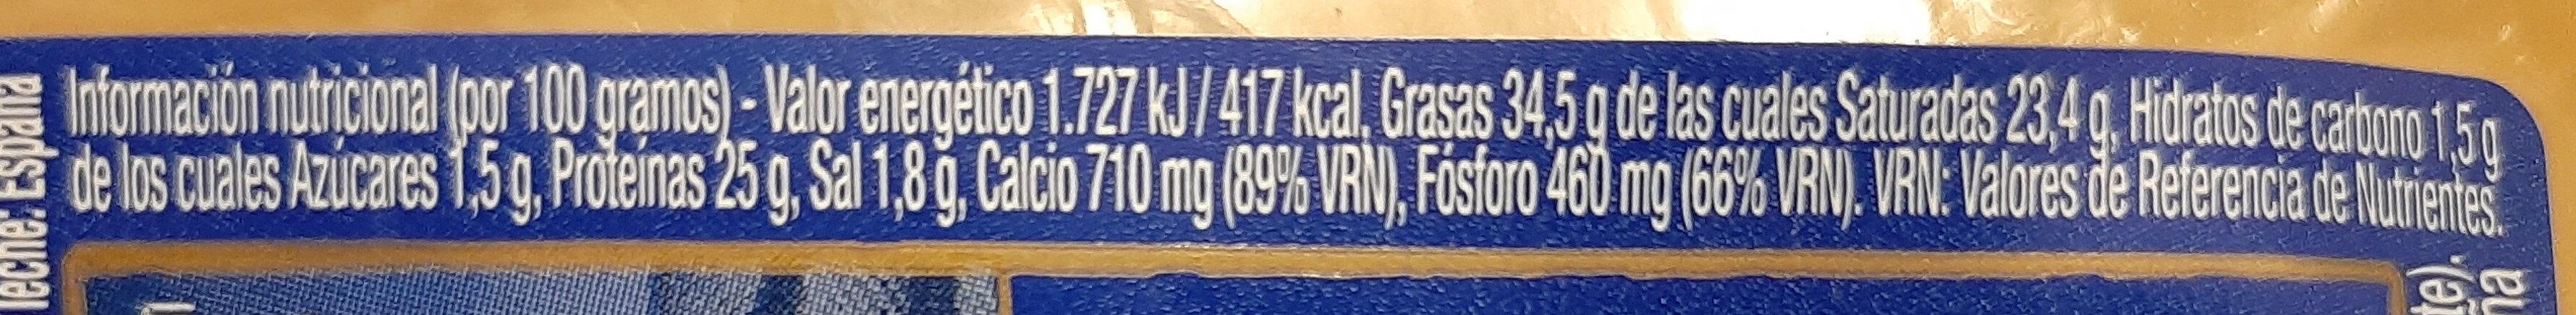 Fromage semicurado - Información nutricional - es